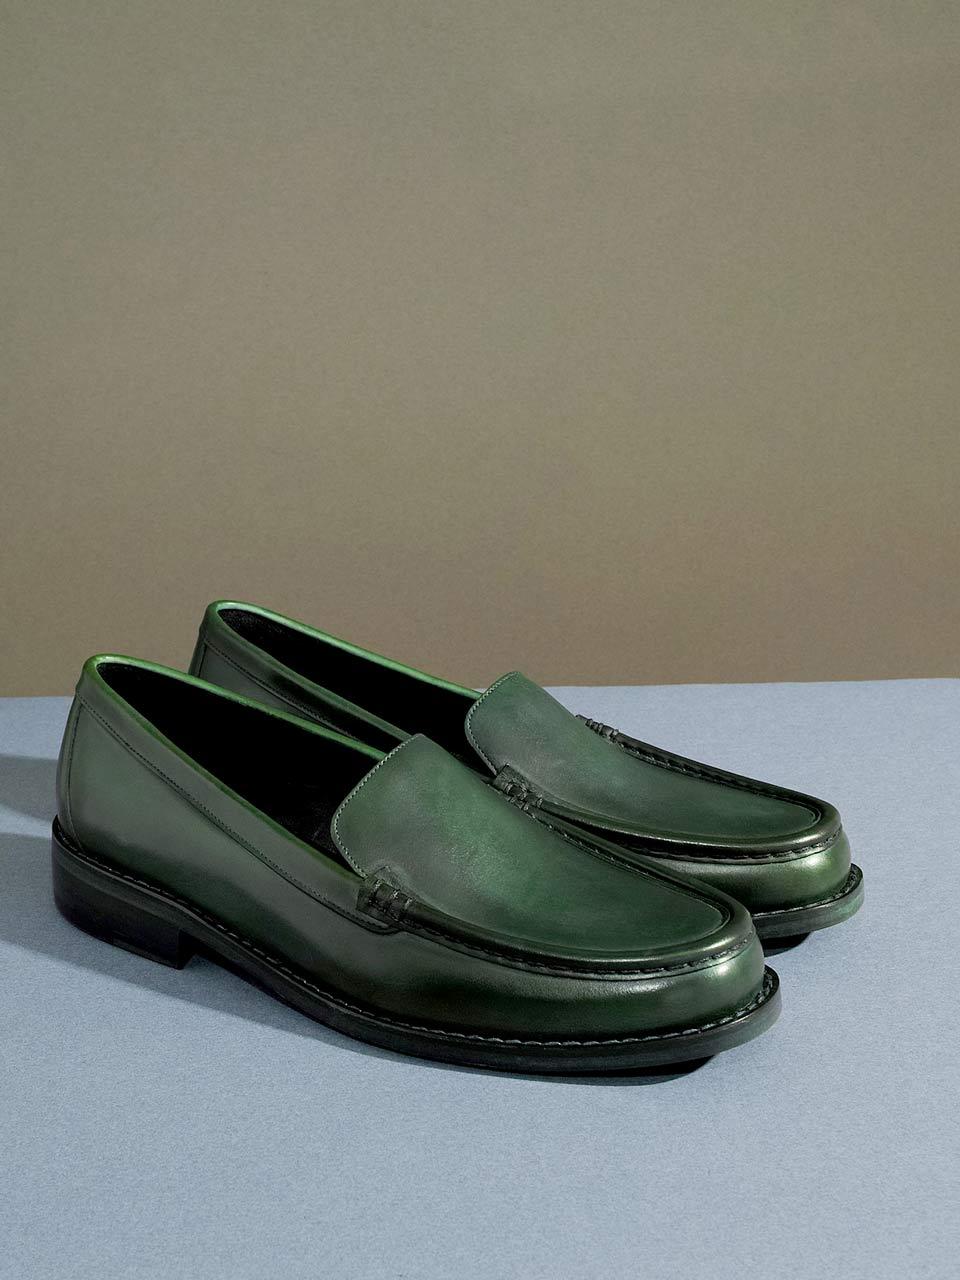 eafa6e75e8e8 Timothée Paris réinterprète les souliers masculins fabriqués en ...